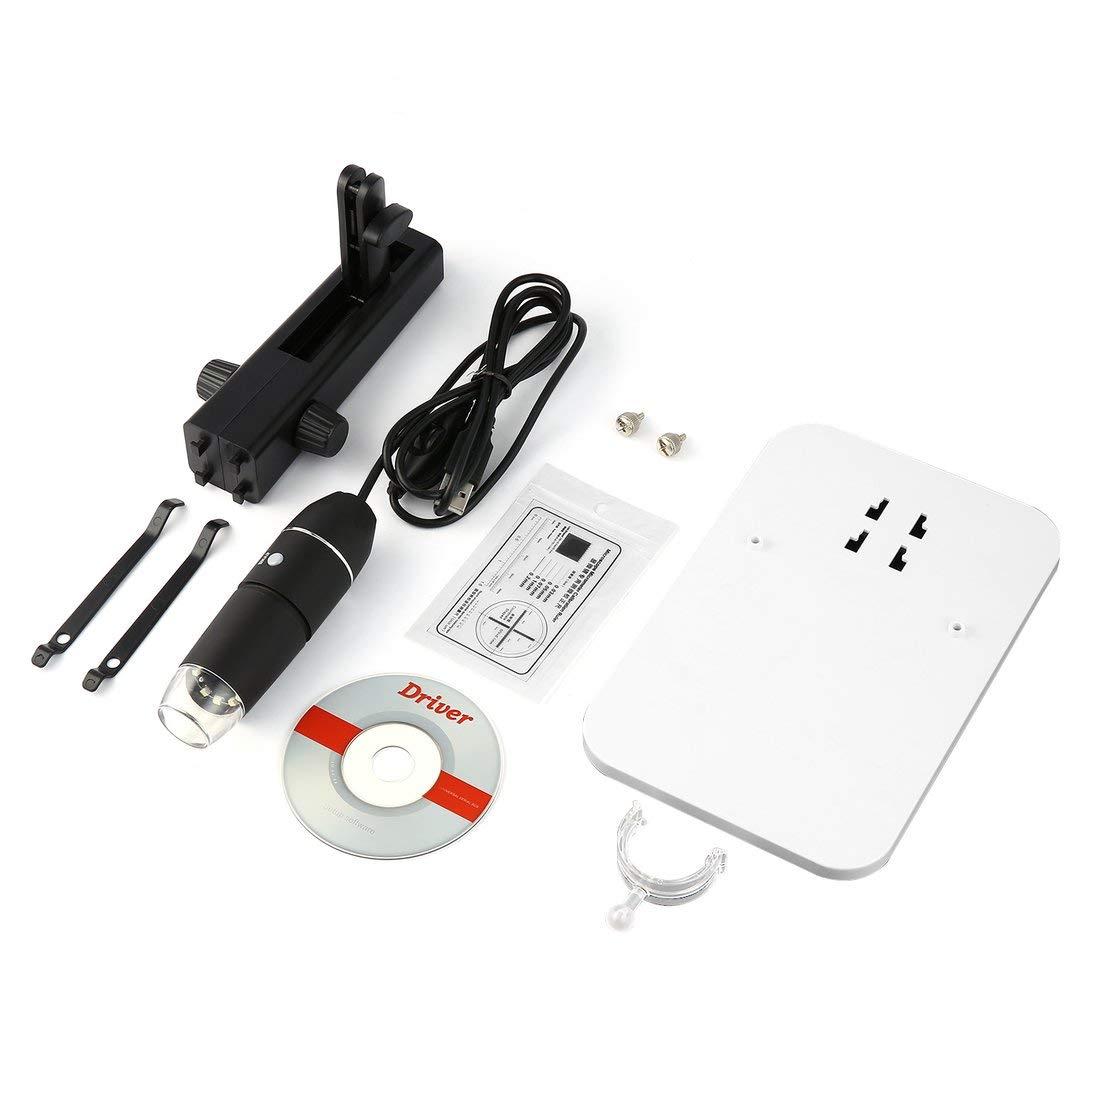 Sanzhileg Microscopio Portatile Wireless HD H63 WiFi USB Digitale da 50x a 1000x Nero Argento